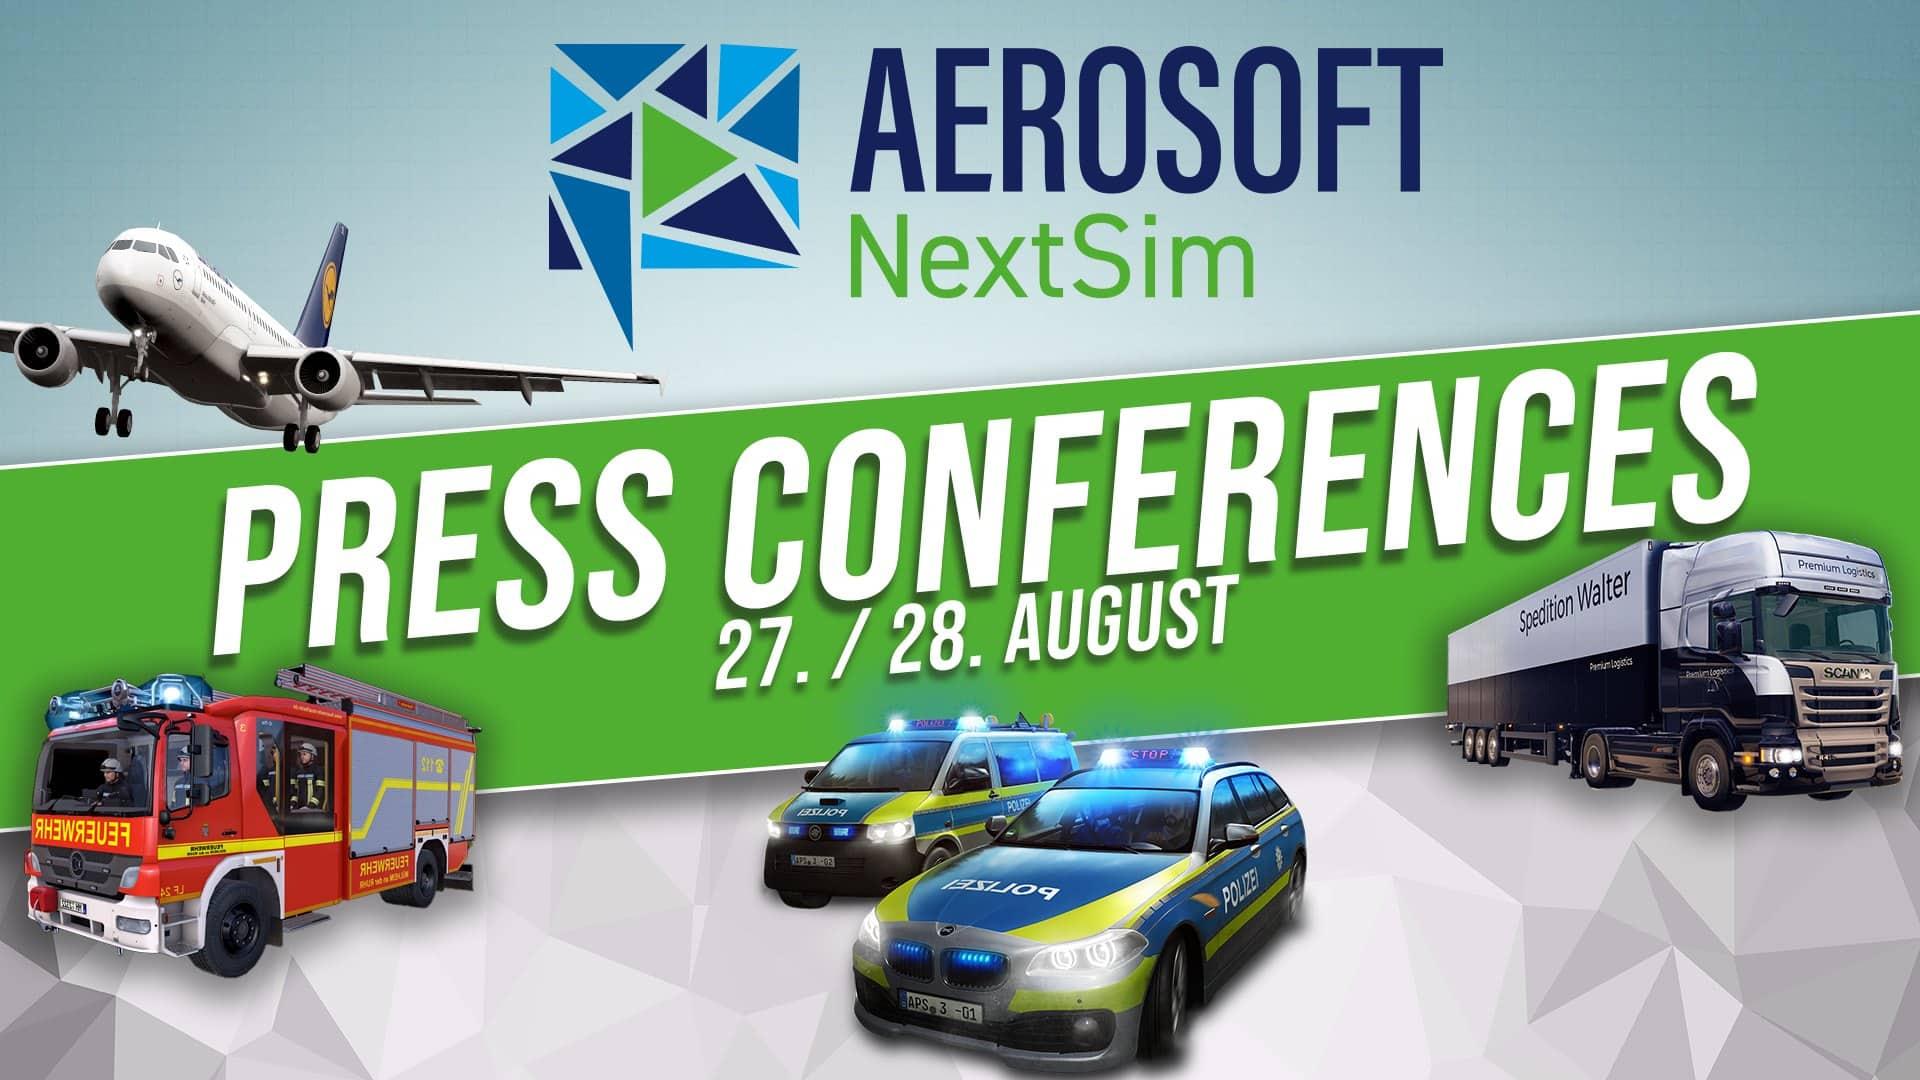 Aerosoft_NextSim_PressConference2020 Aerosoft - NextSim Press Conference Online